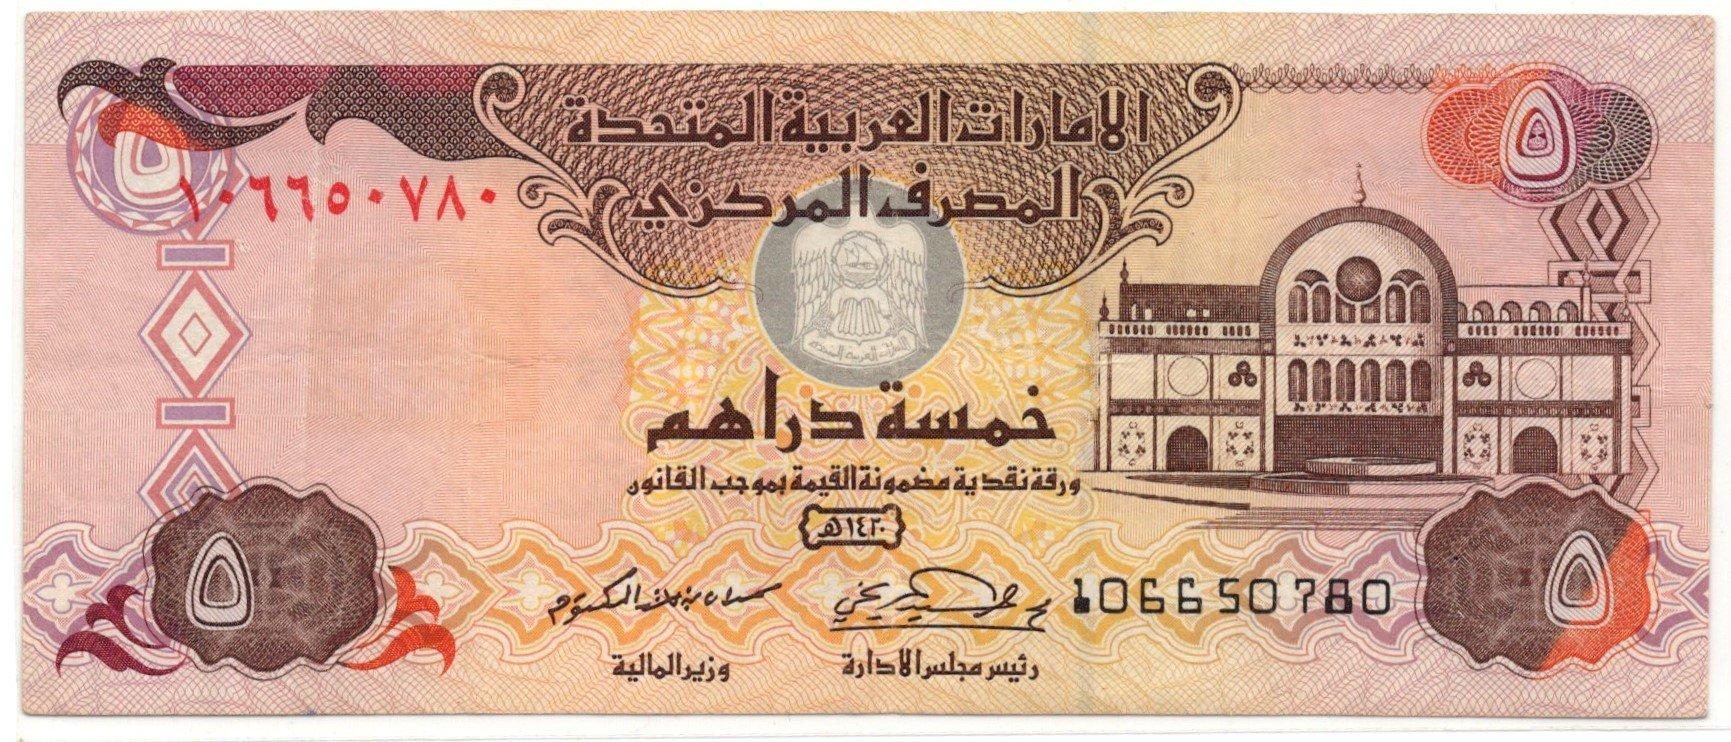 UAE 5 durhmas